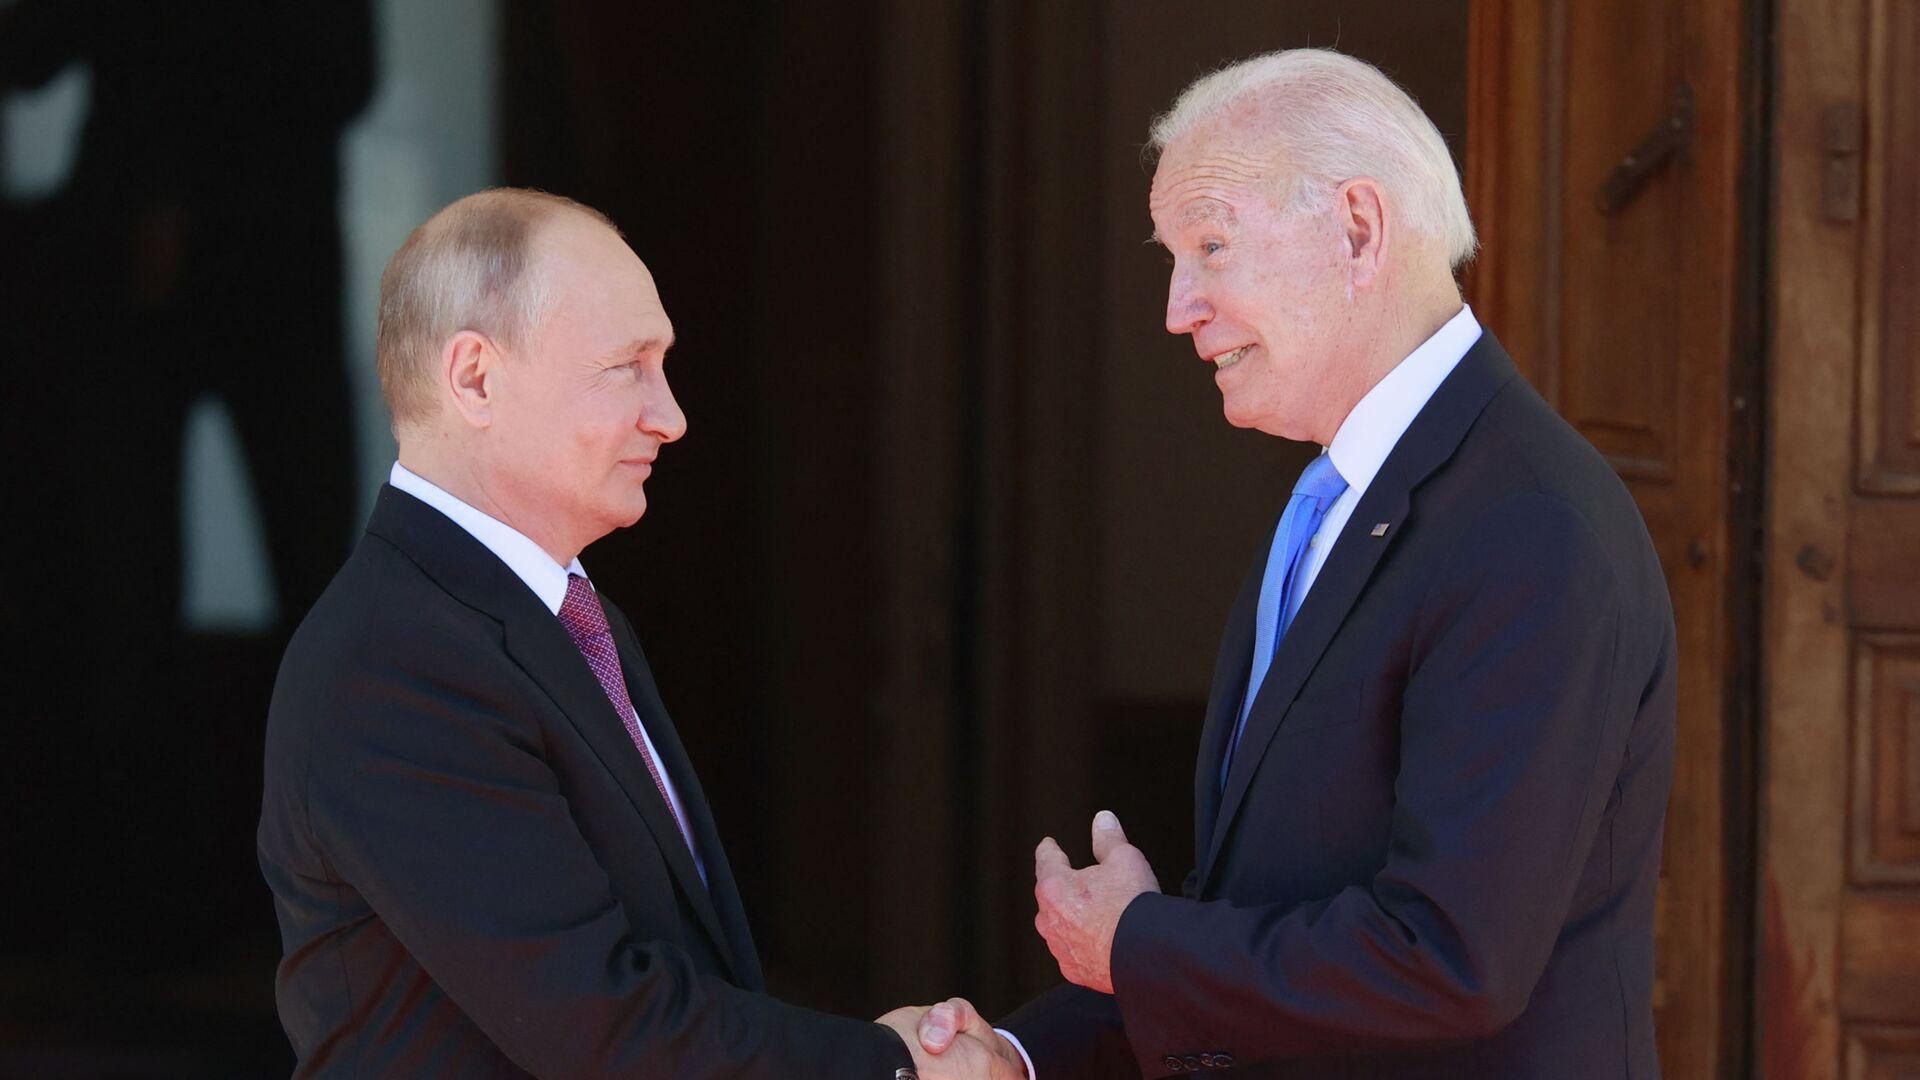 Президент РФ Владимир Путин и президент США Джо Байден во время встречи в Женеве - Sputnik Беларусь, 1920, 09.07.2021